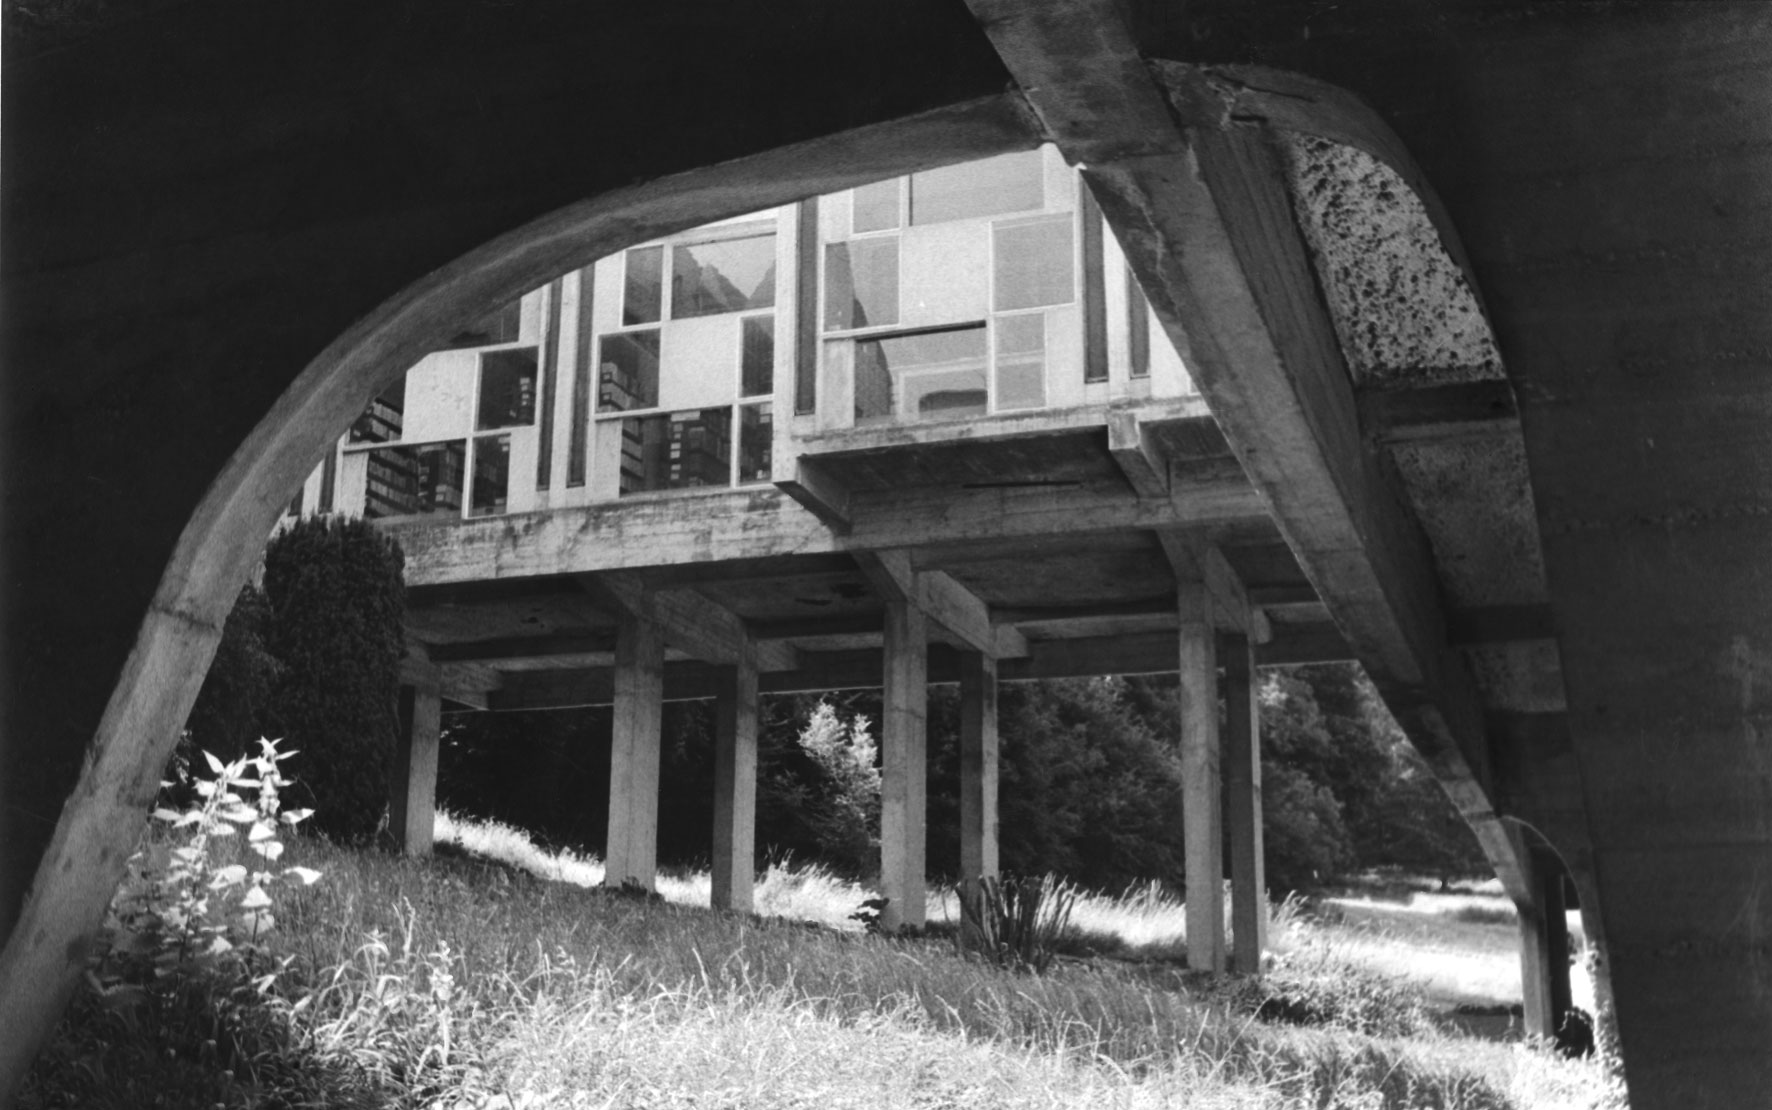 couvent de la tourette le corbusier architect jerominus